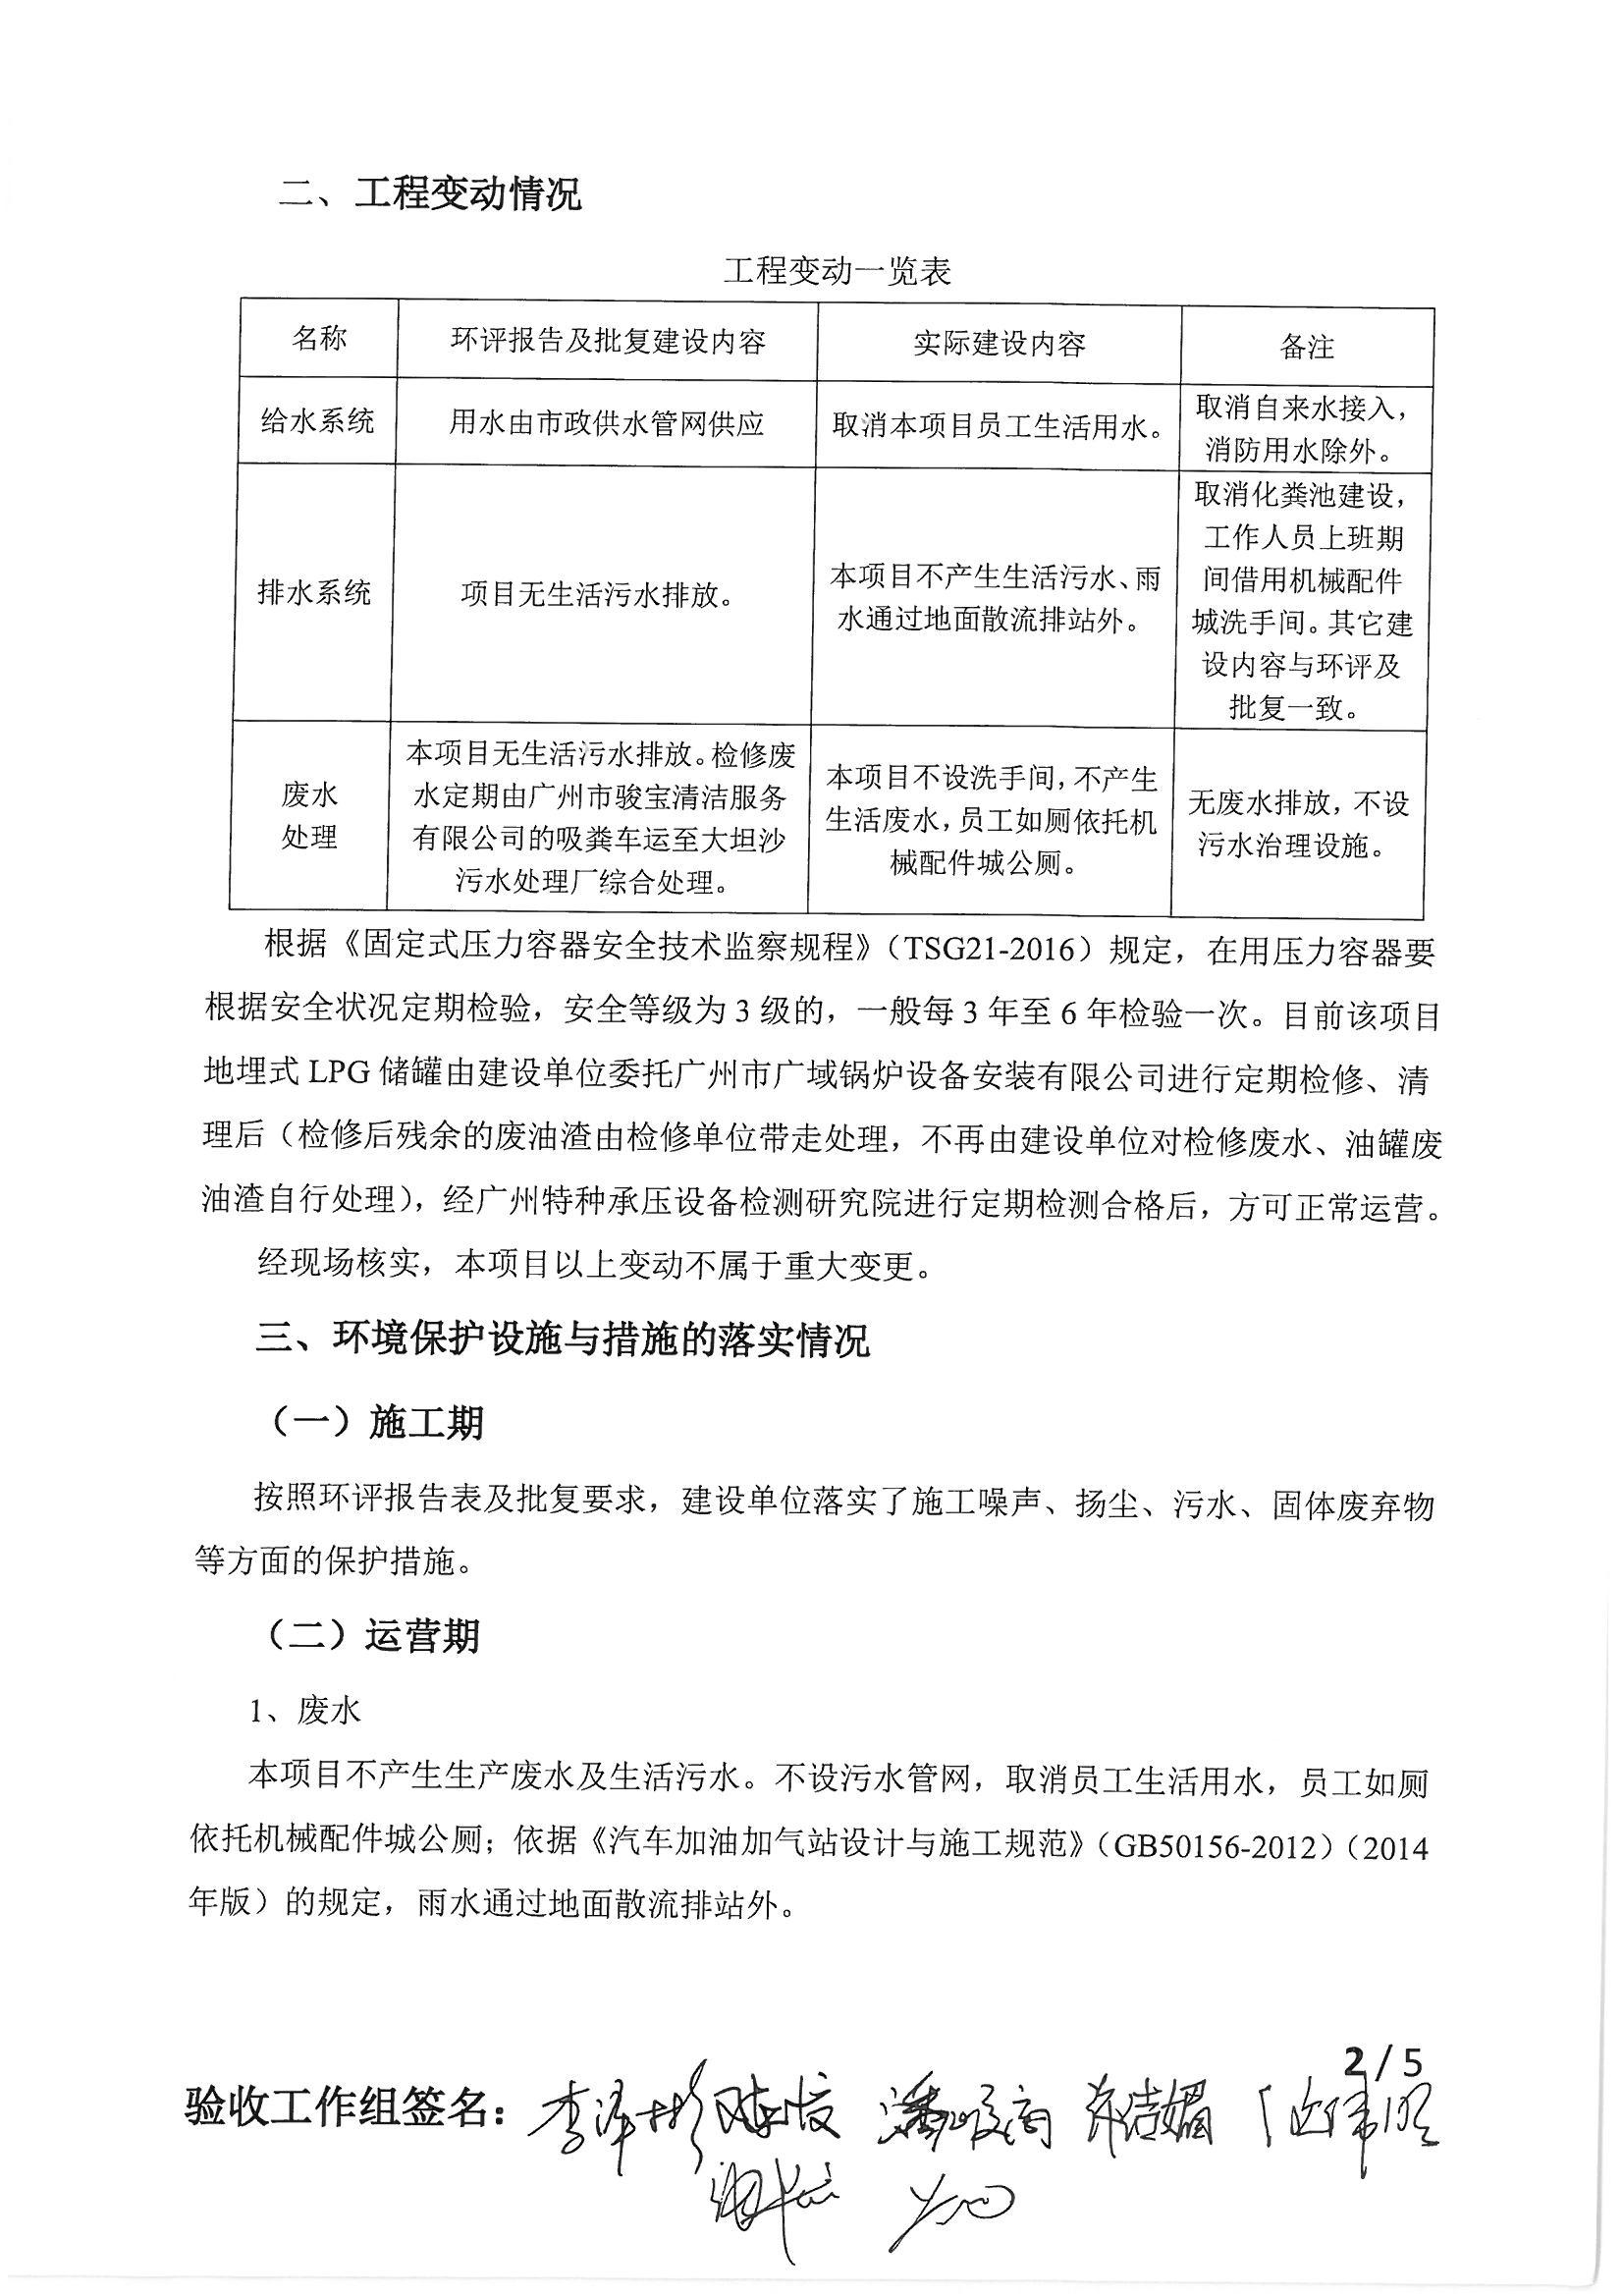 广州九丰燃气有限公司东圃汽车加气站项目竣工环境保护验收意见_页面_2